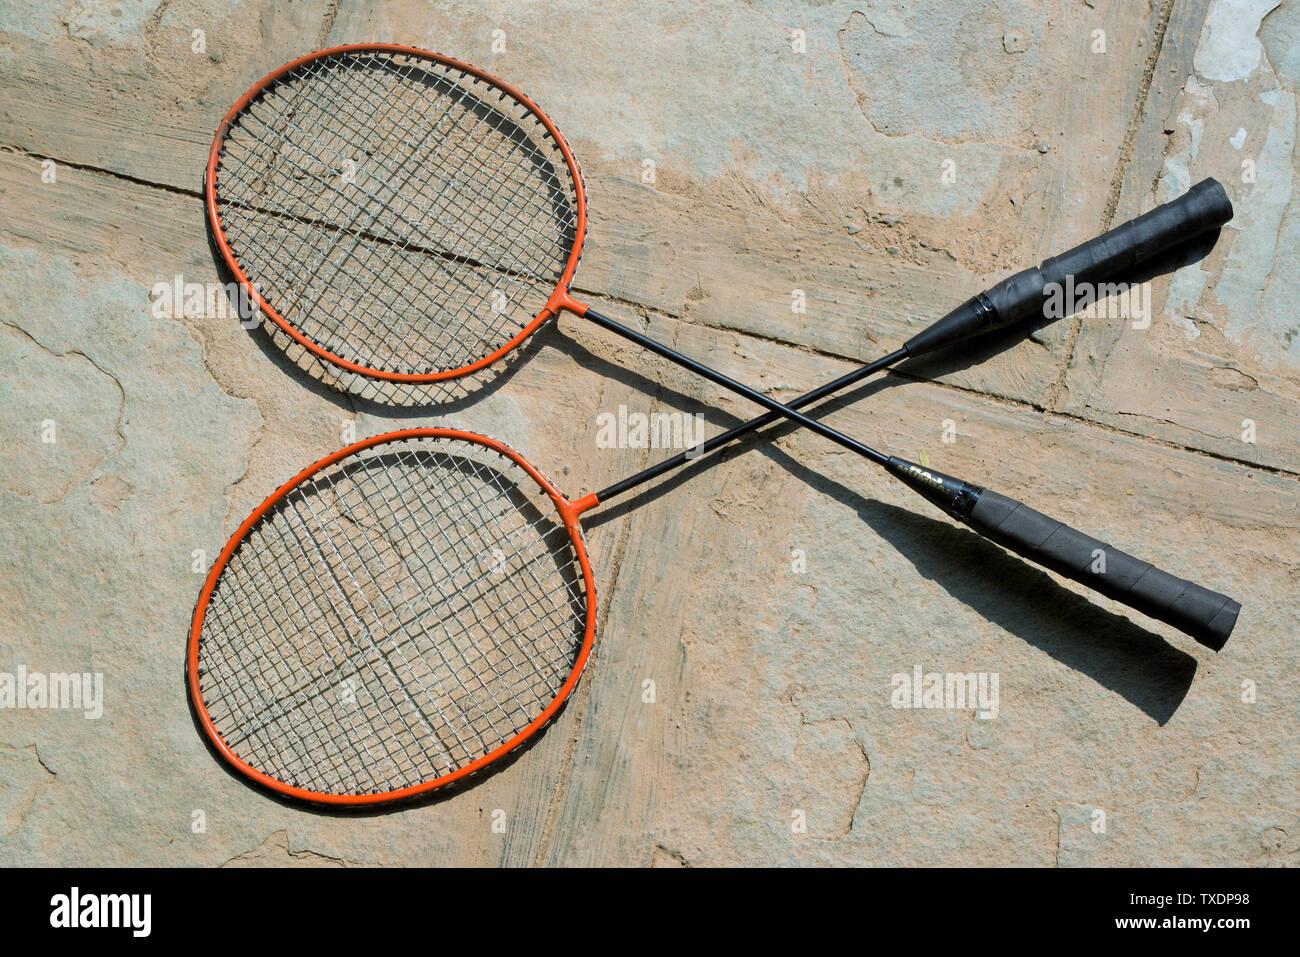 Badminton Racchette sul pianale in agro di Pune, Maharashtra, India, Asia Immagini Stock